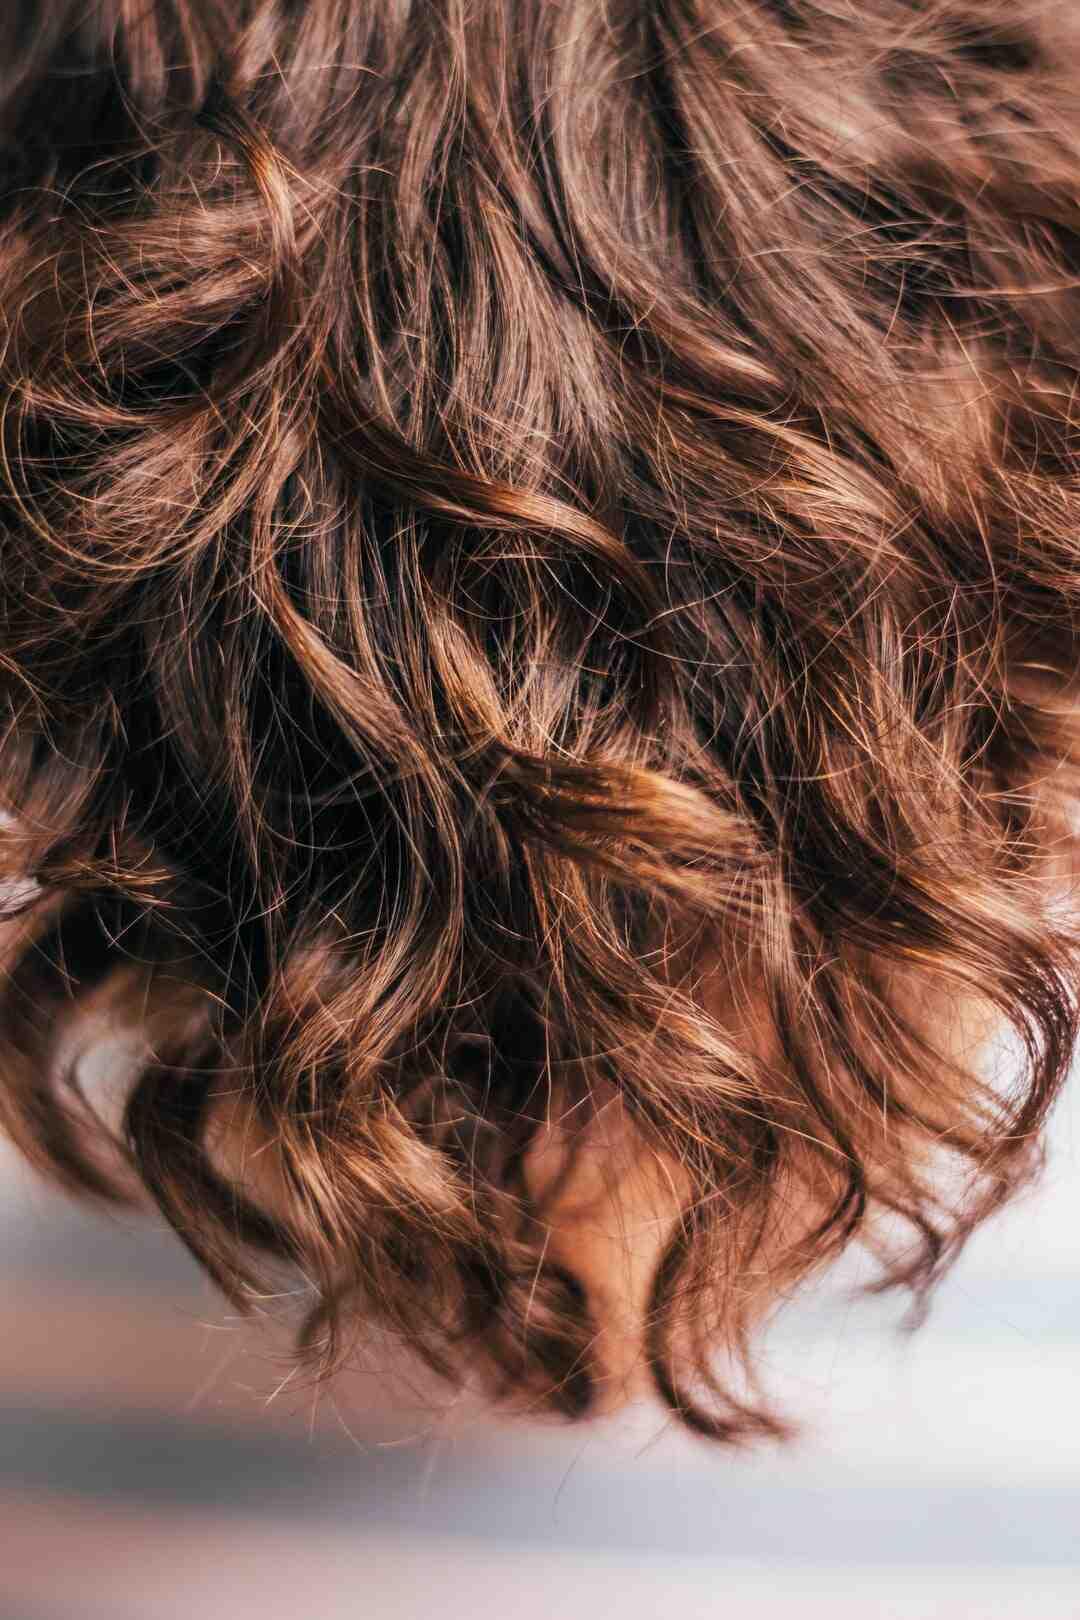 Comment avoir de beaux cheveux soyeux, lisses et brillants